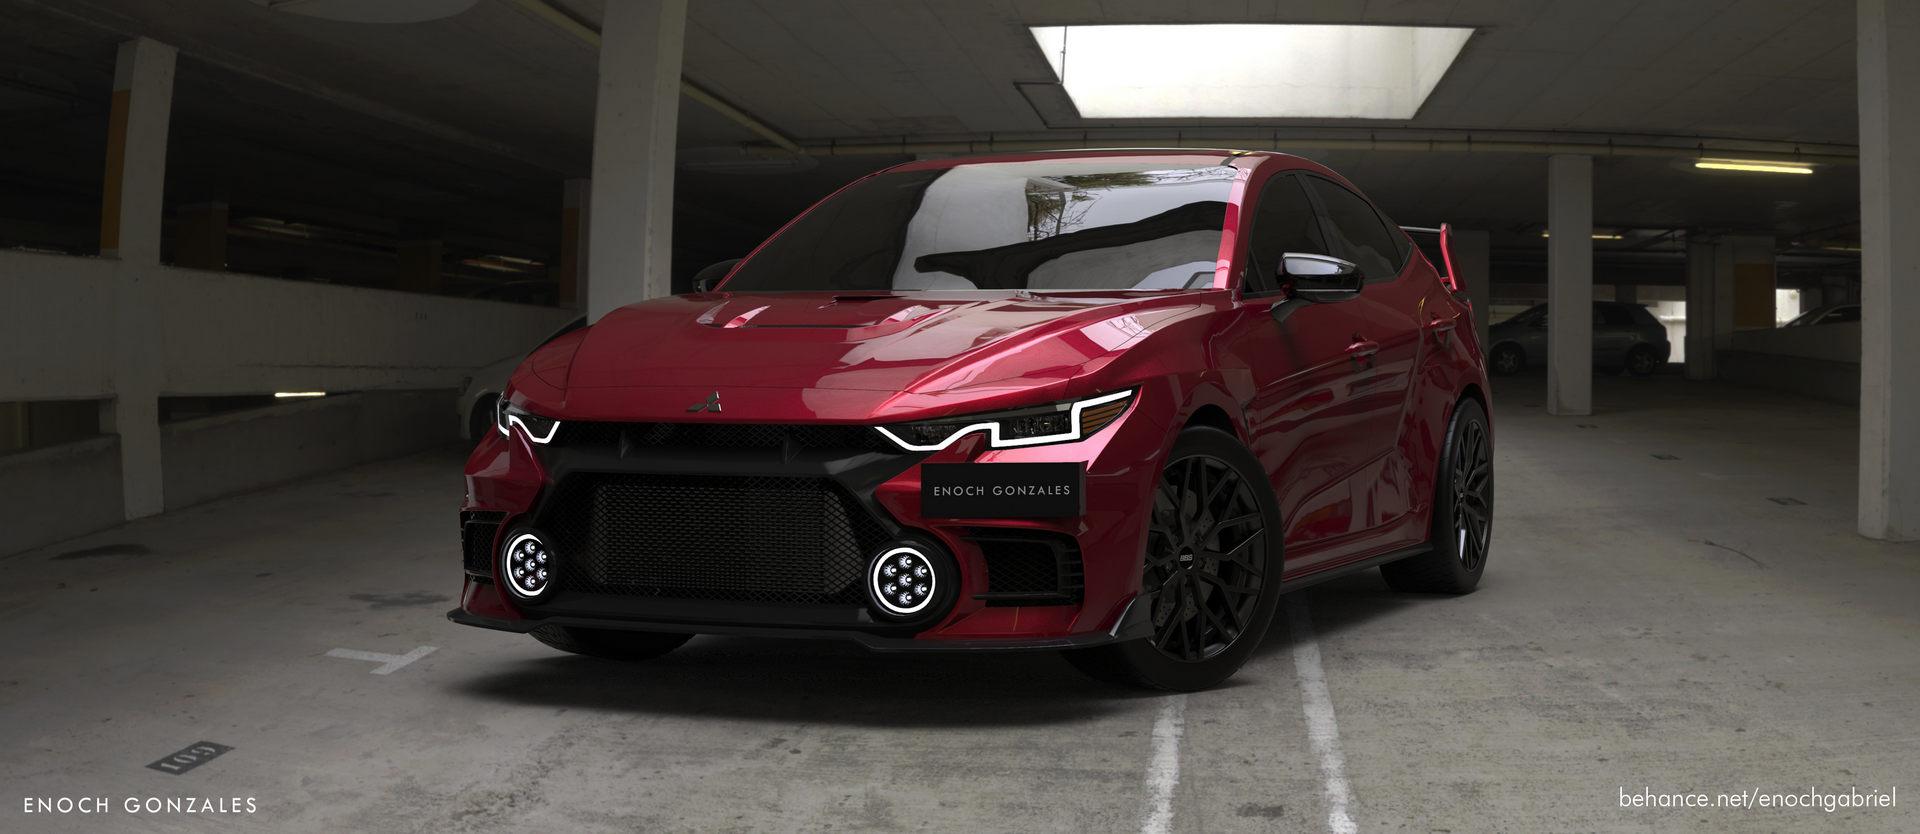 Mitsubishi-Lancer-Evo-XII-renderings-1